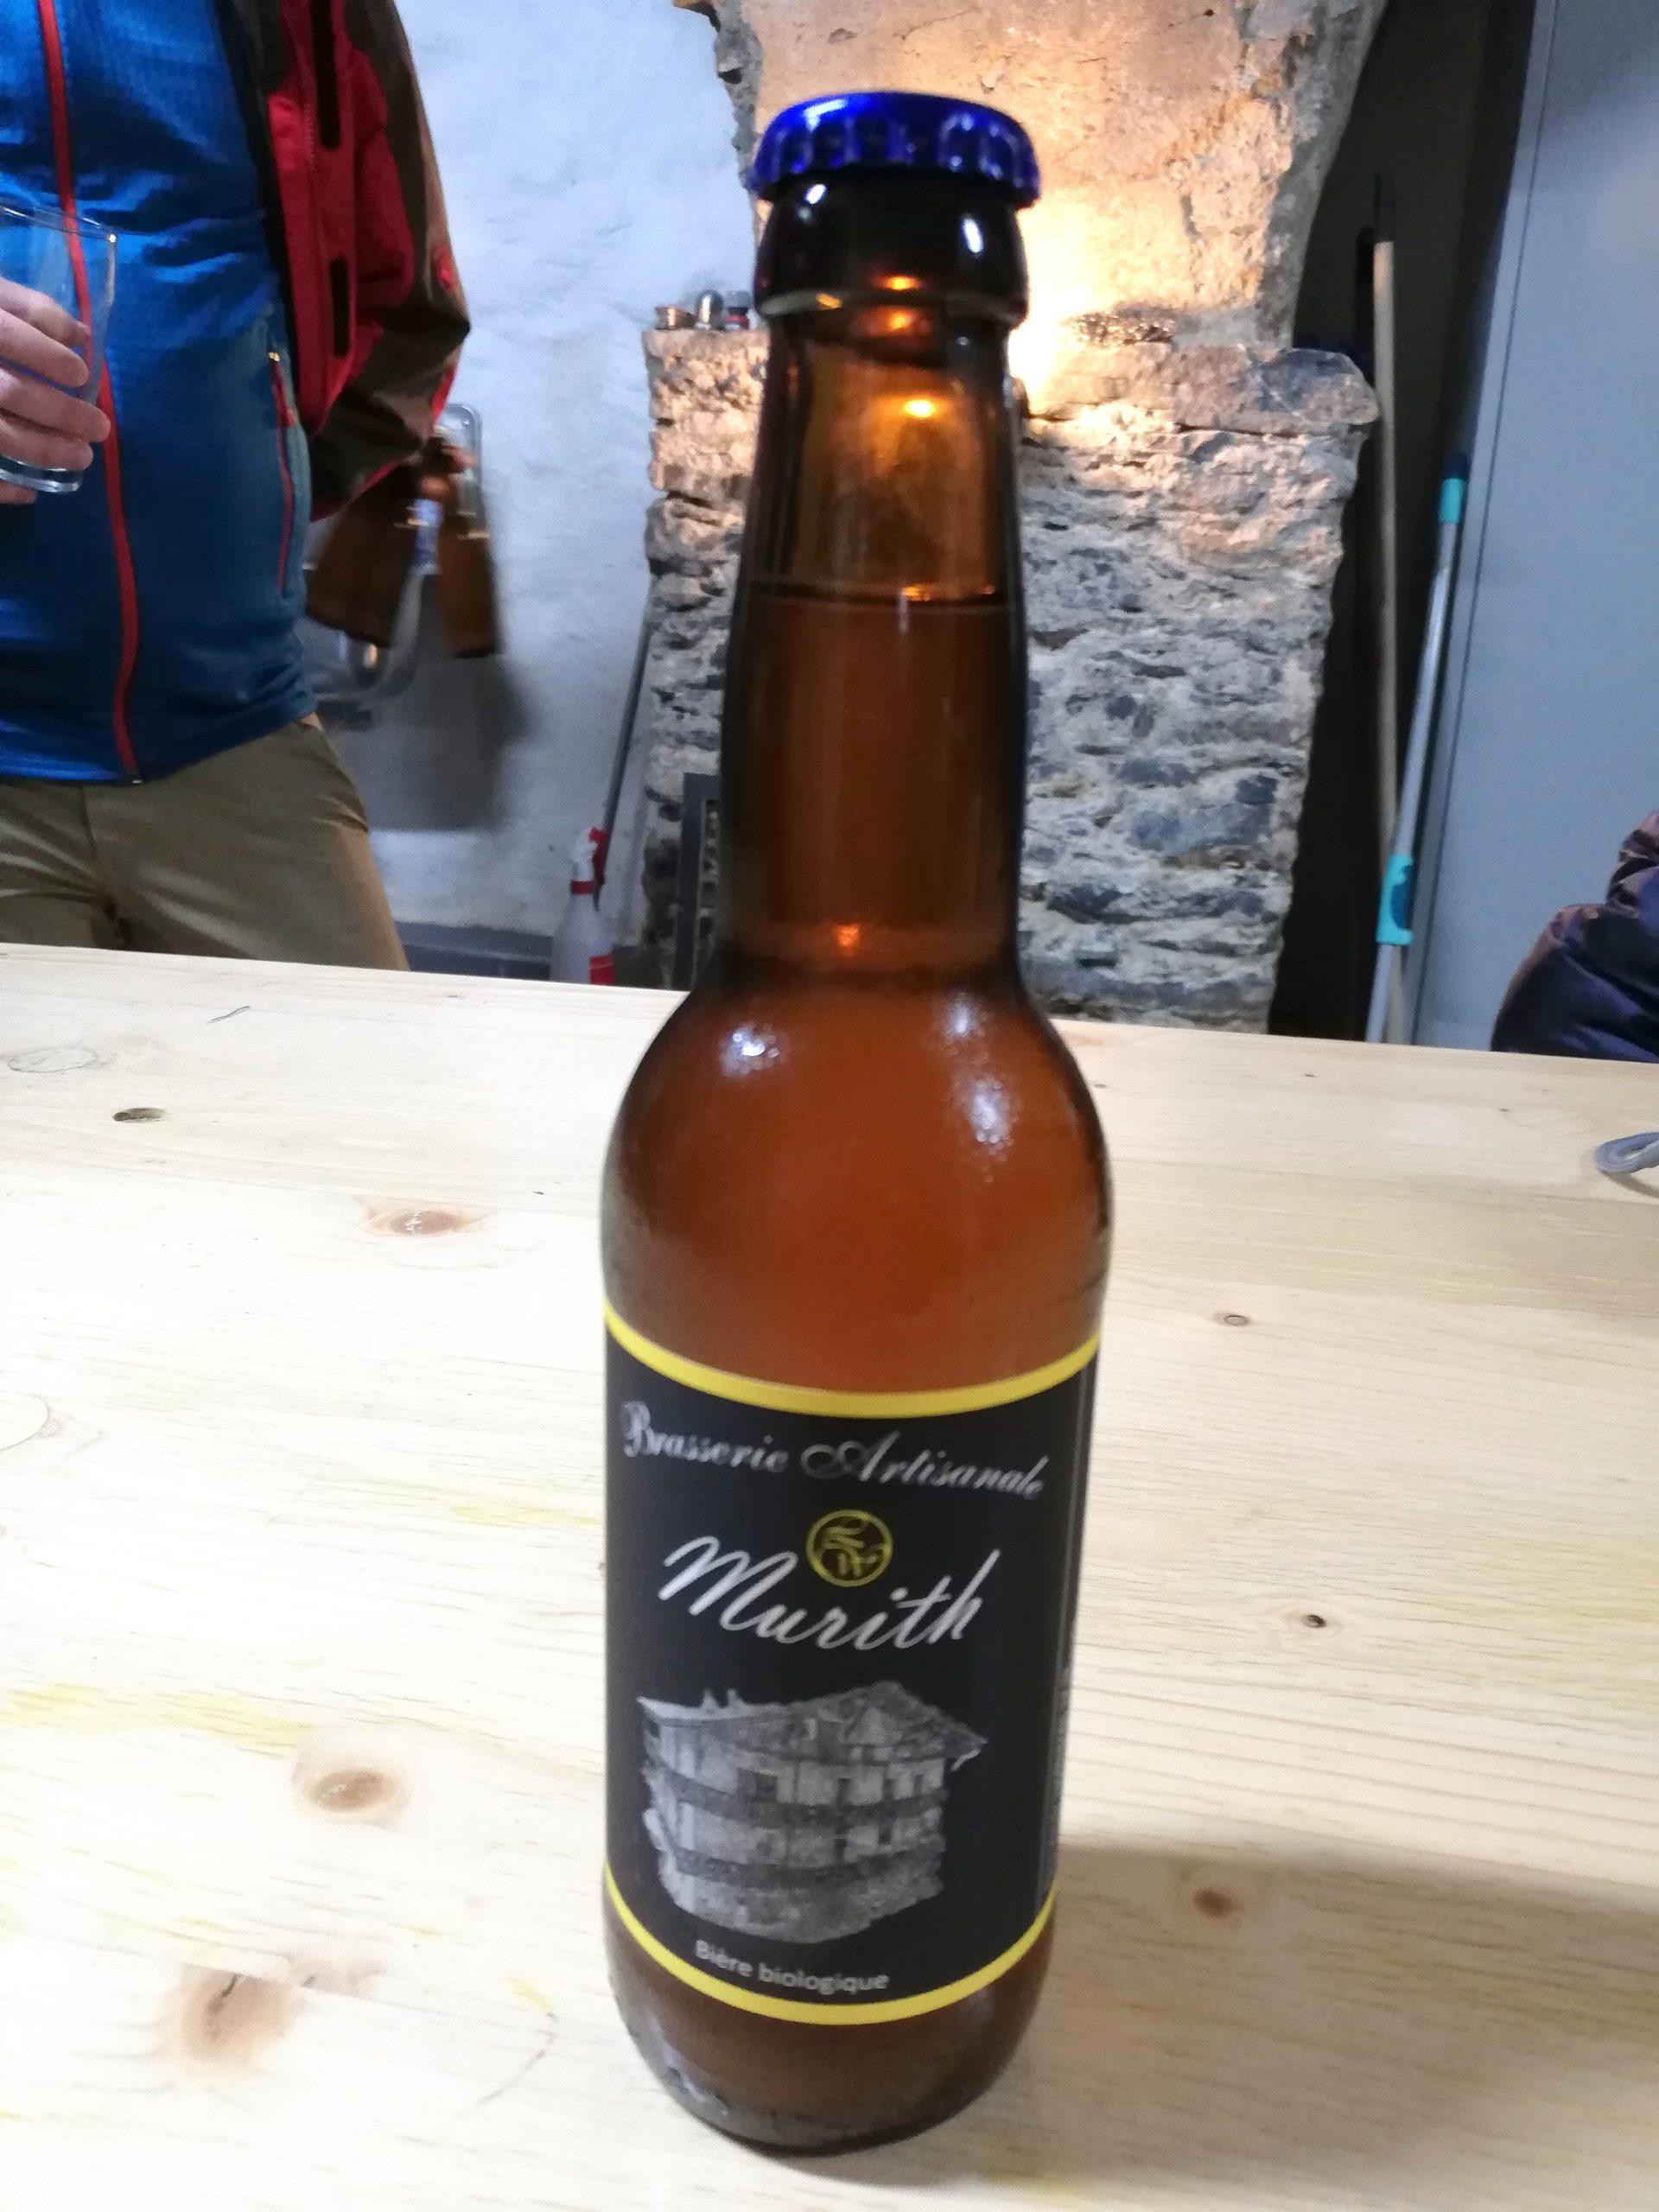 Slow Food Travel et Bière bio Murith